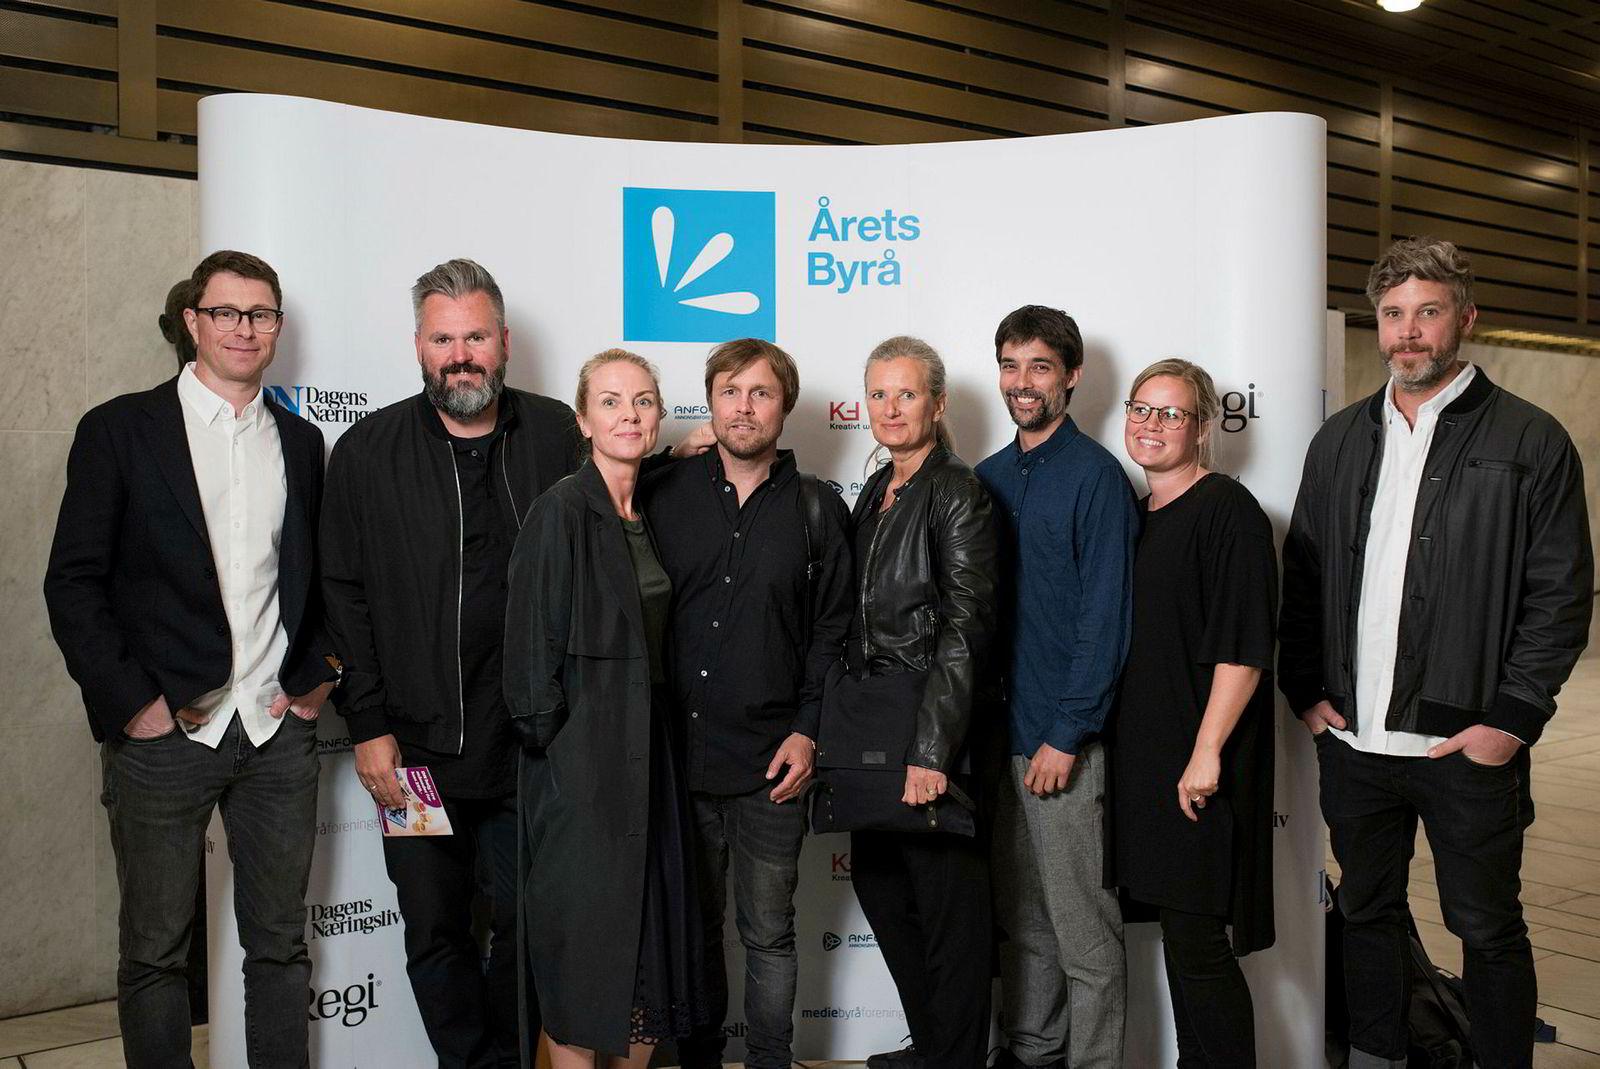 Reklamebyrået Pol. Fra venstre: Kjetil Skogly, Stian Johansen, Janne Lysø, Petter Bryde, Monika Augustsson, Ole Jakob Bøe Skattum, Ina Egelandsdal og Thorbjørn Ruud.